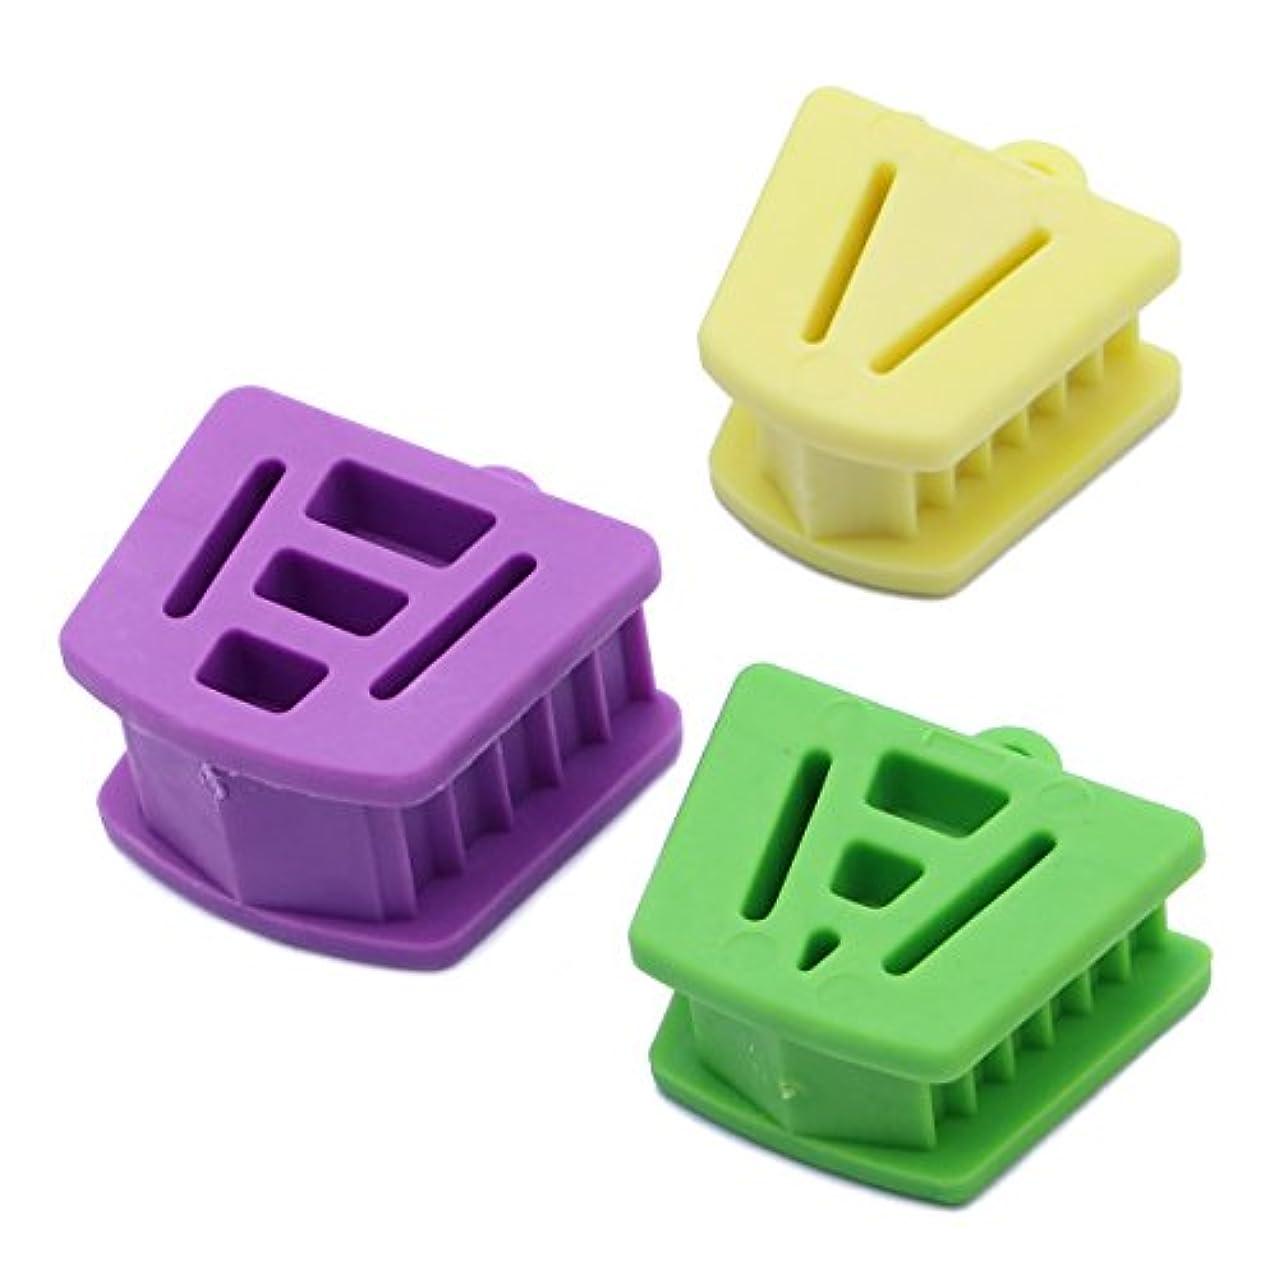 溝プロフィール朝ごはんHealifty 3個/パック口プロップバイトブロック歯科口腔内支持矯正用アクセサリー